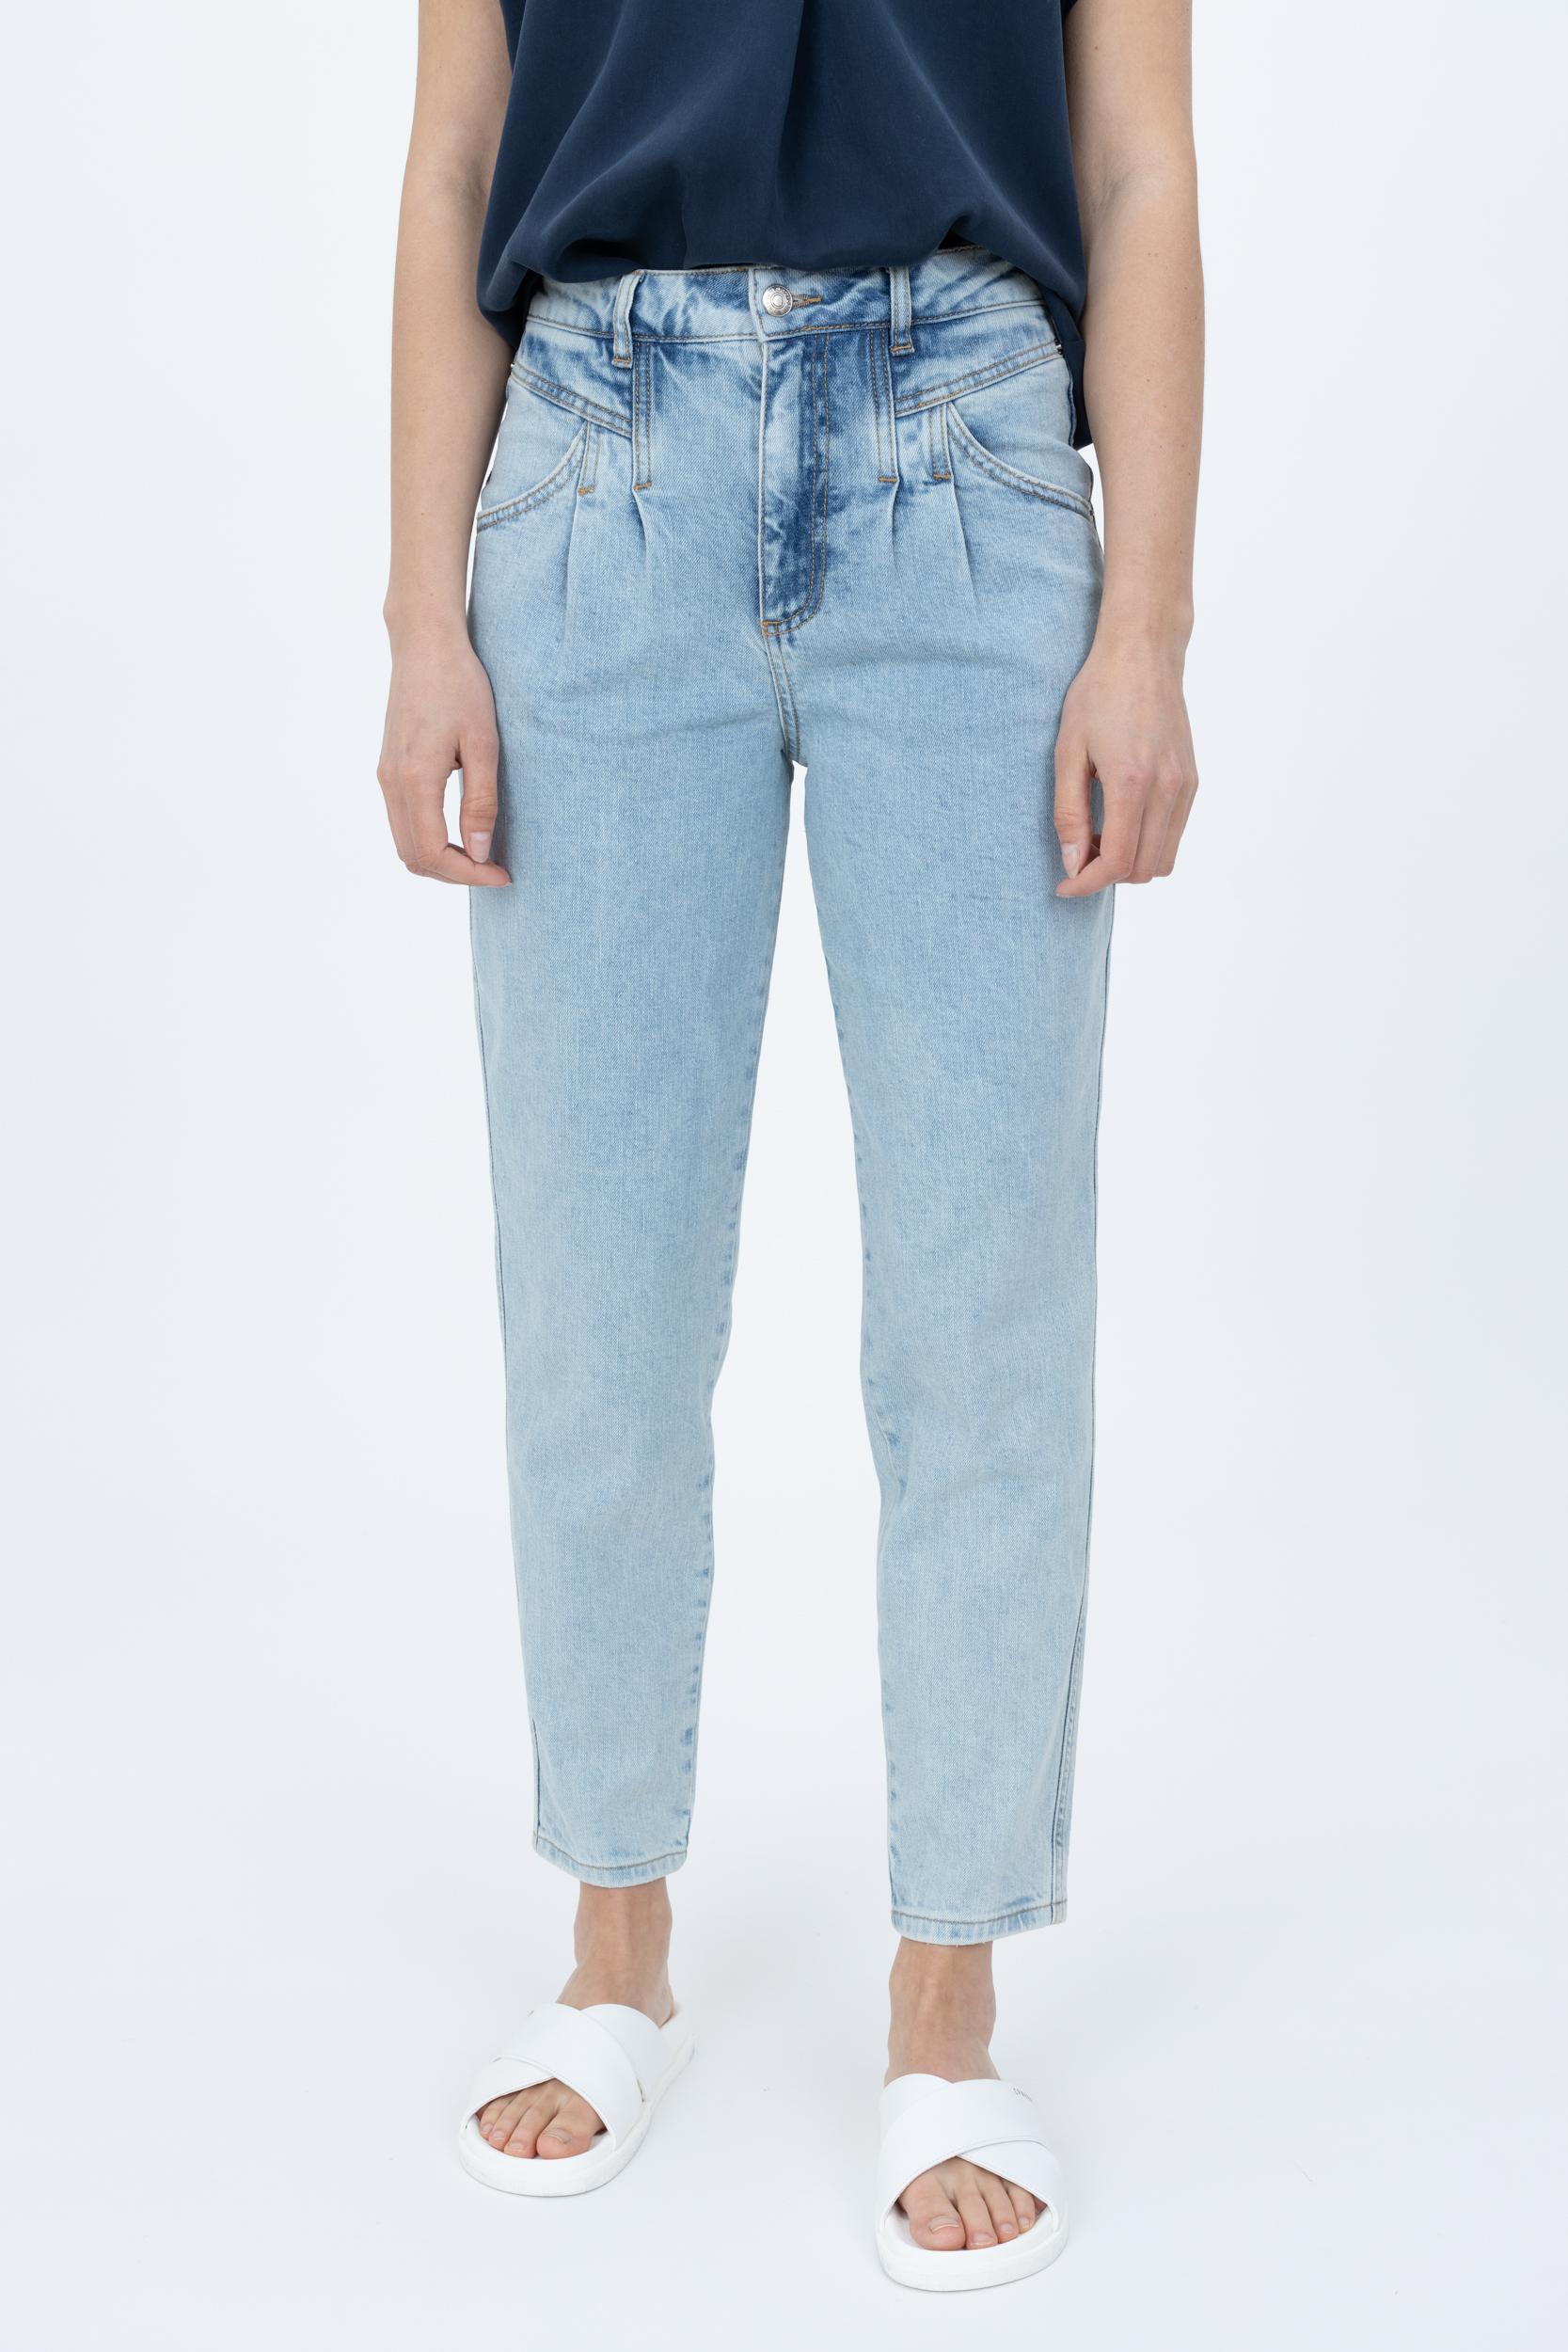 Jeans mit Vintage-Fit